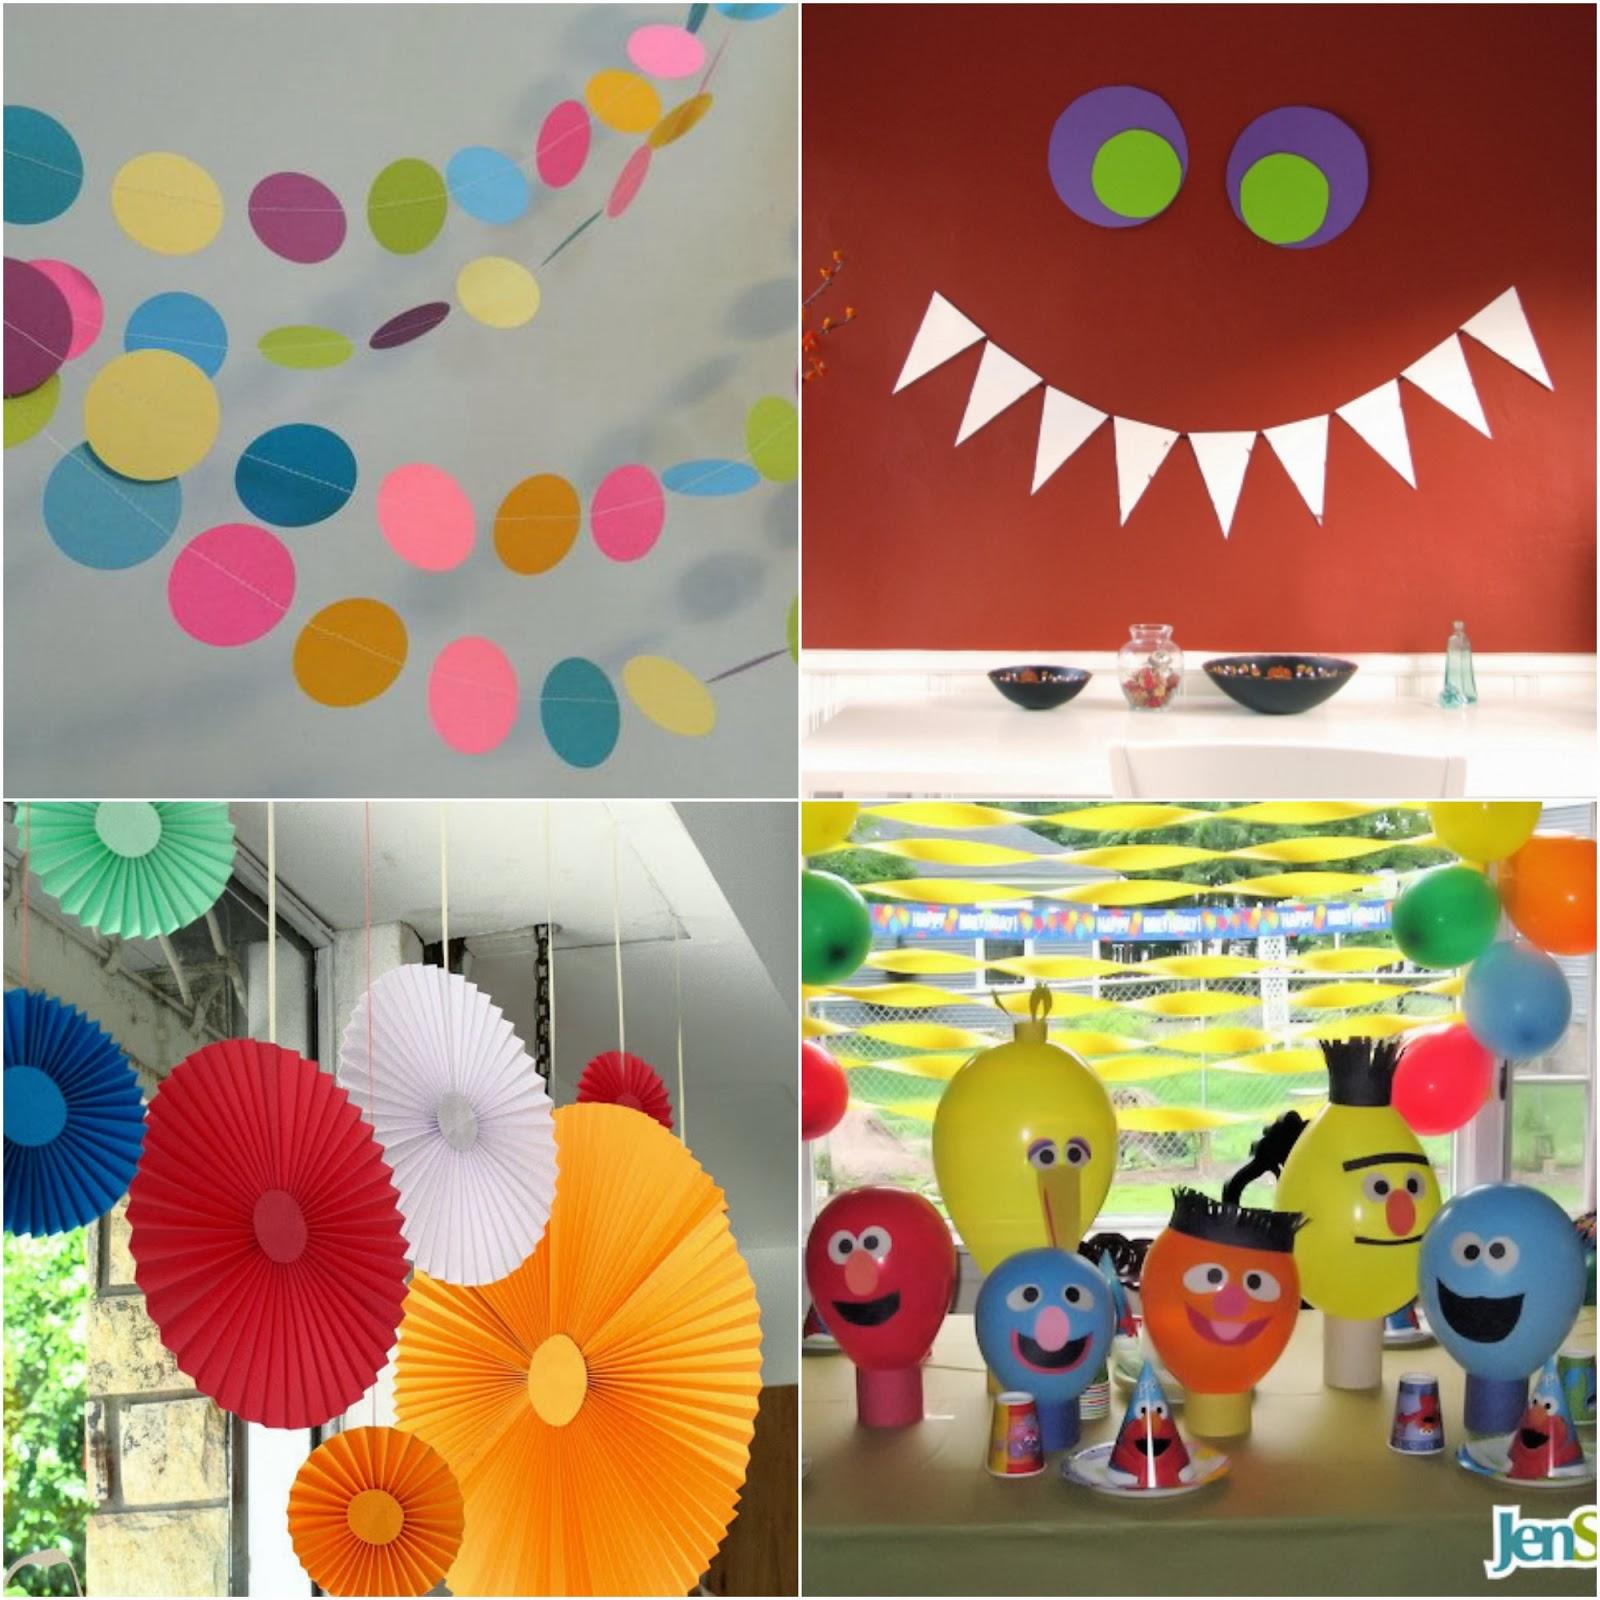 Festa di carnevale decorazioni fai da te for Decorazioni fai da te per feste